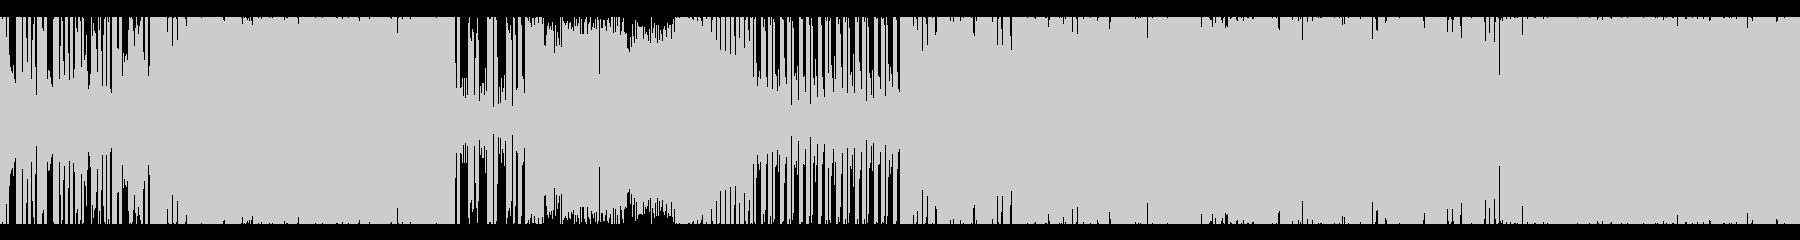 【ループ仕様】三味線×エレクトロサウンドの未再生の波形